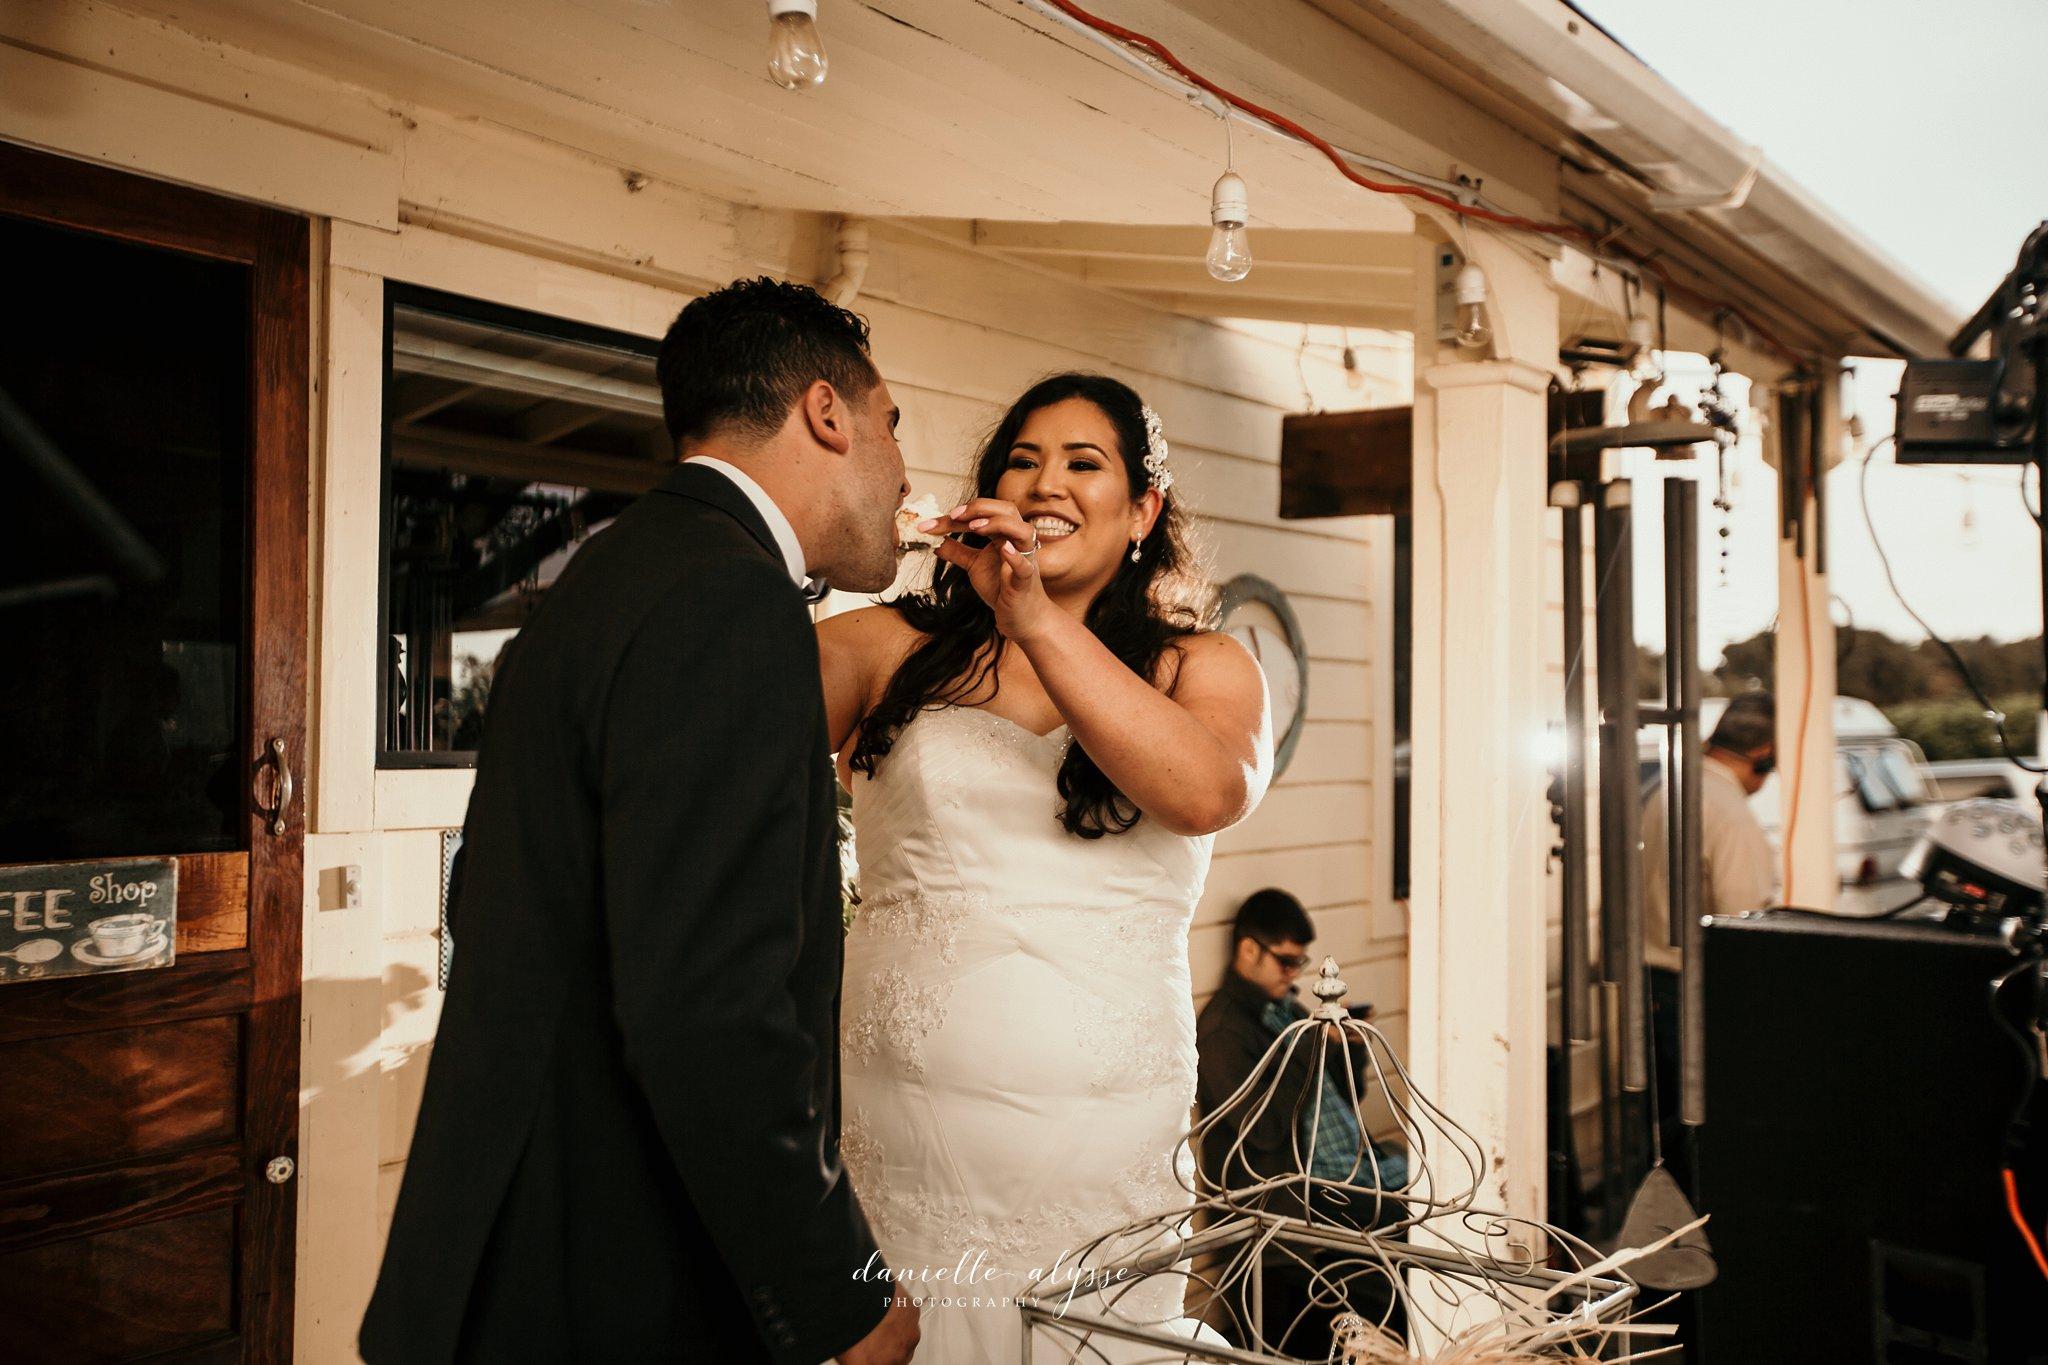 180630_wedding_lily_ryan_mission_soledad_california_danielle_alysse_photography_blog_1061_WEB.jpg